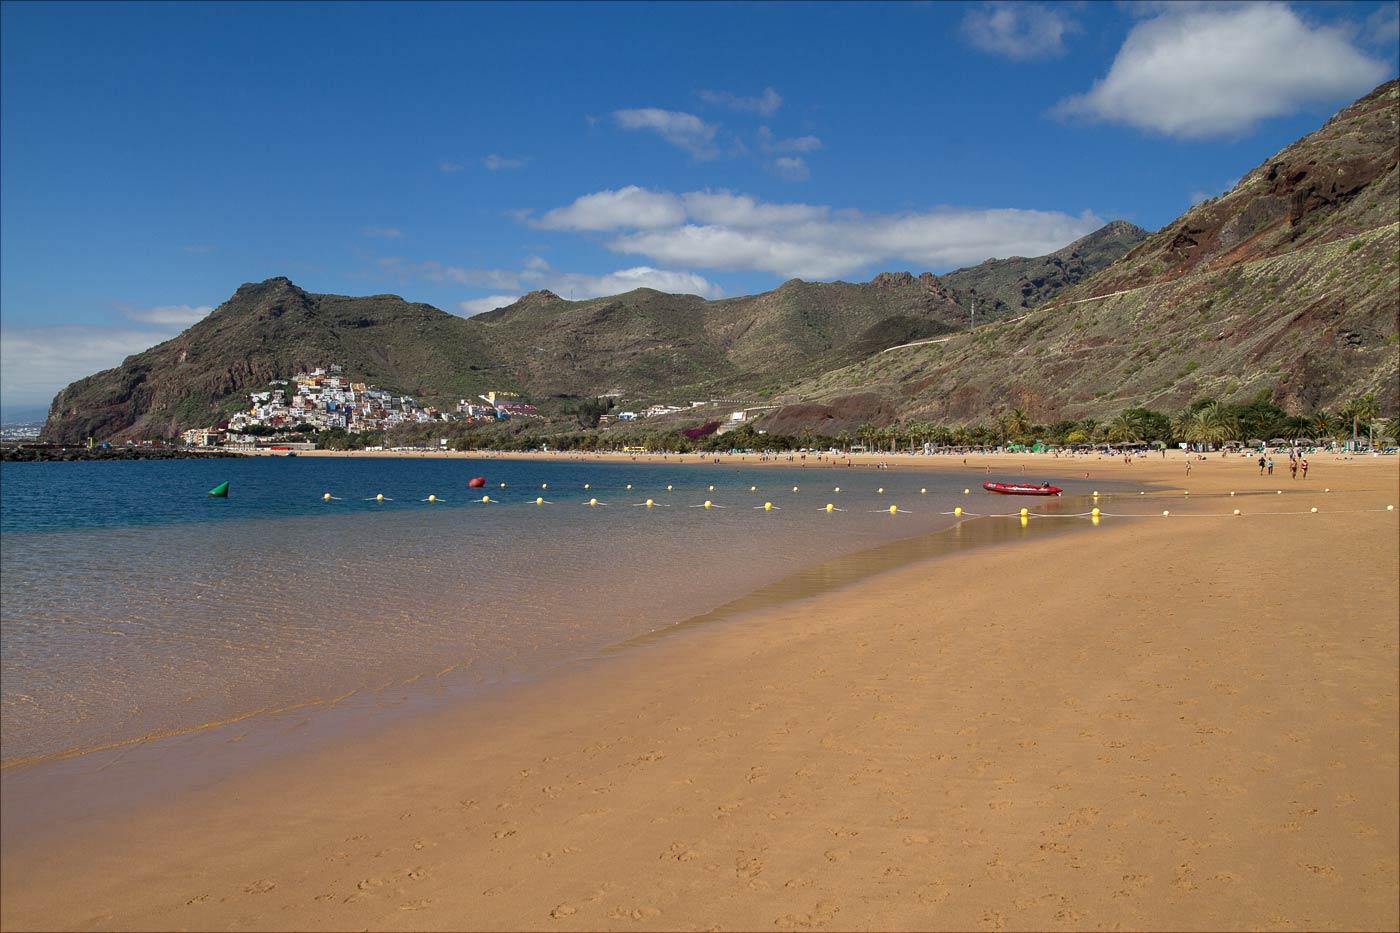 Пляж Лас-Тереситас, Санта-Крус-де-Тенерифе